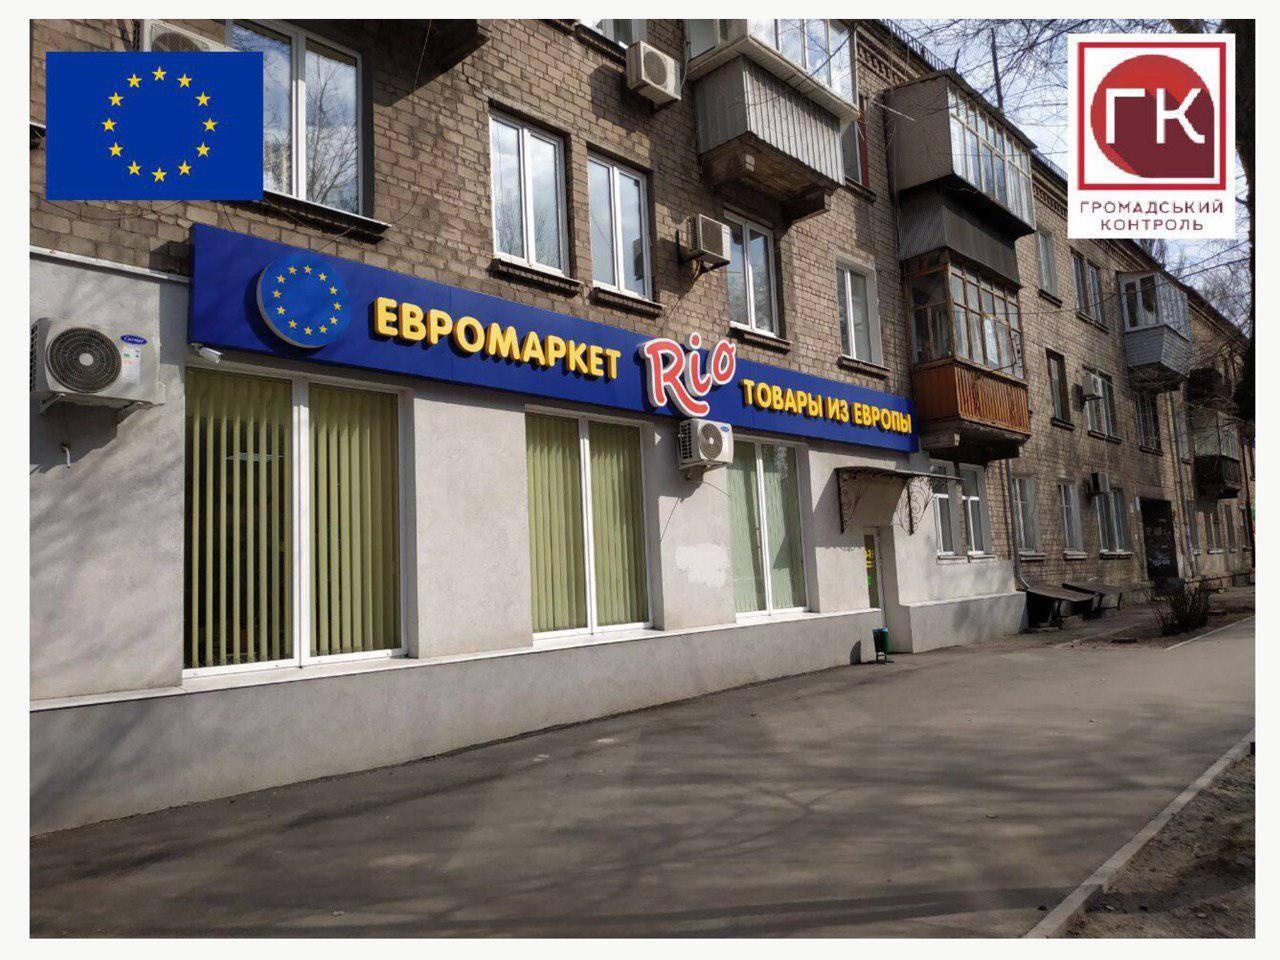 В Запорожье коммерсанты приватизировали магазин в спальном районе по заниженной цене